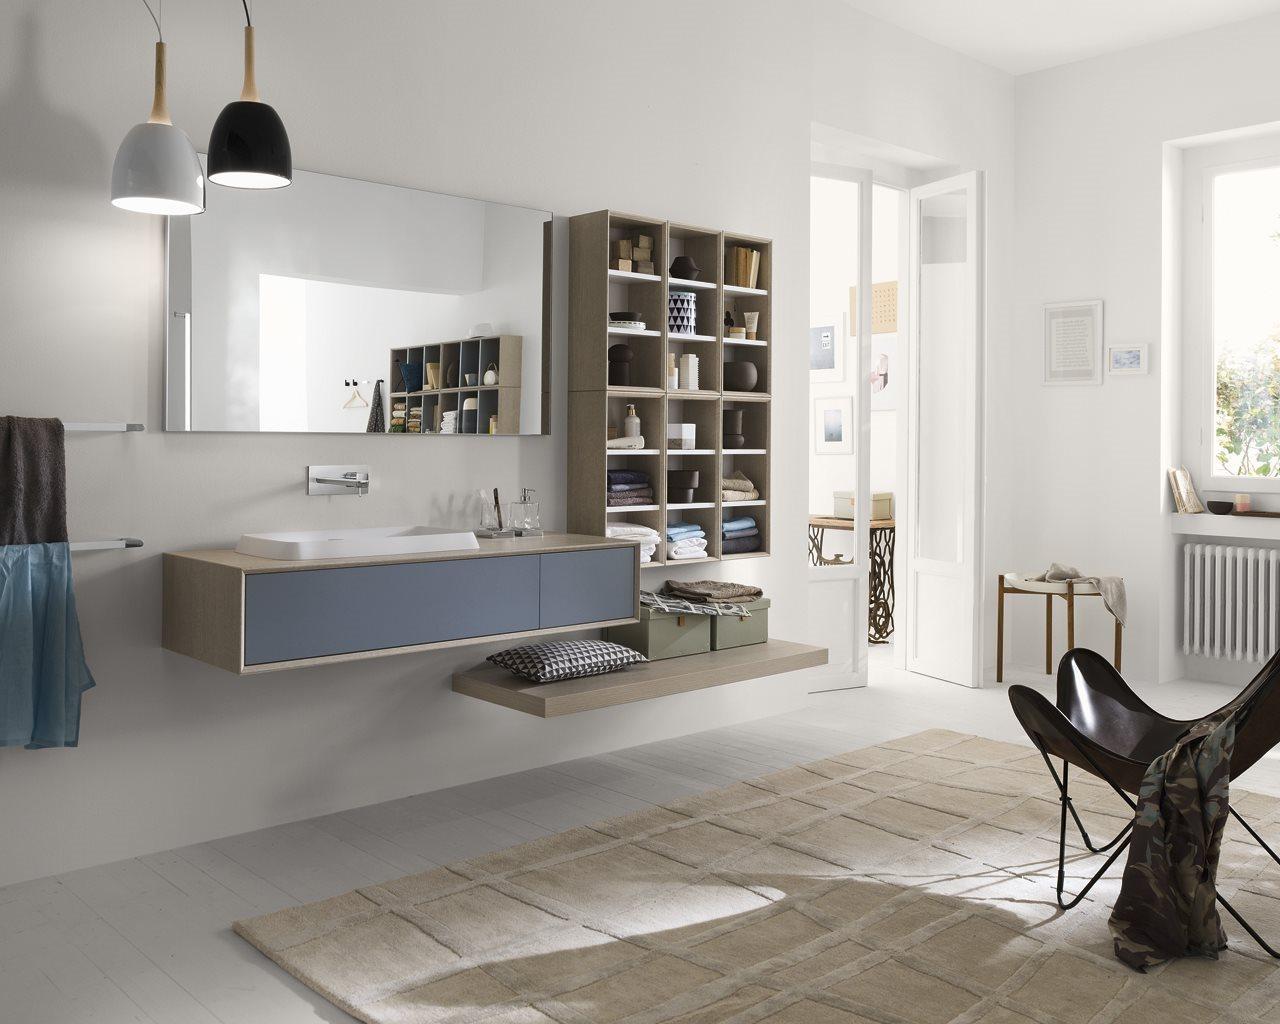 Bagni moderni mobili bagno accessori bagno lissone for Lissone arredo bagno